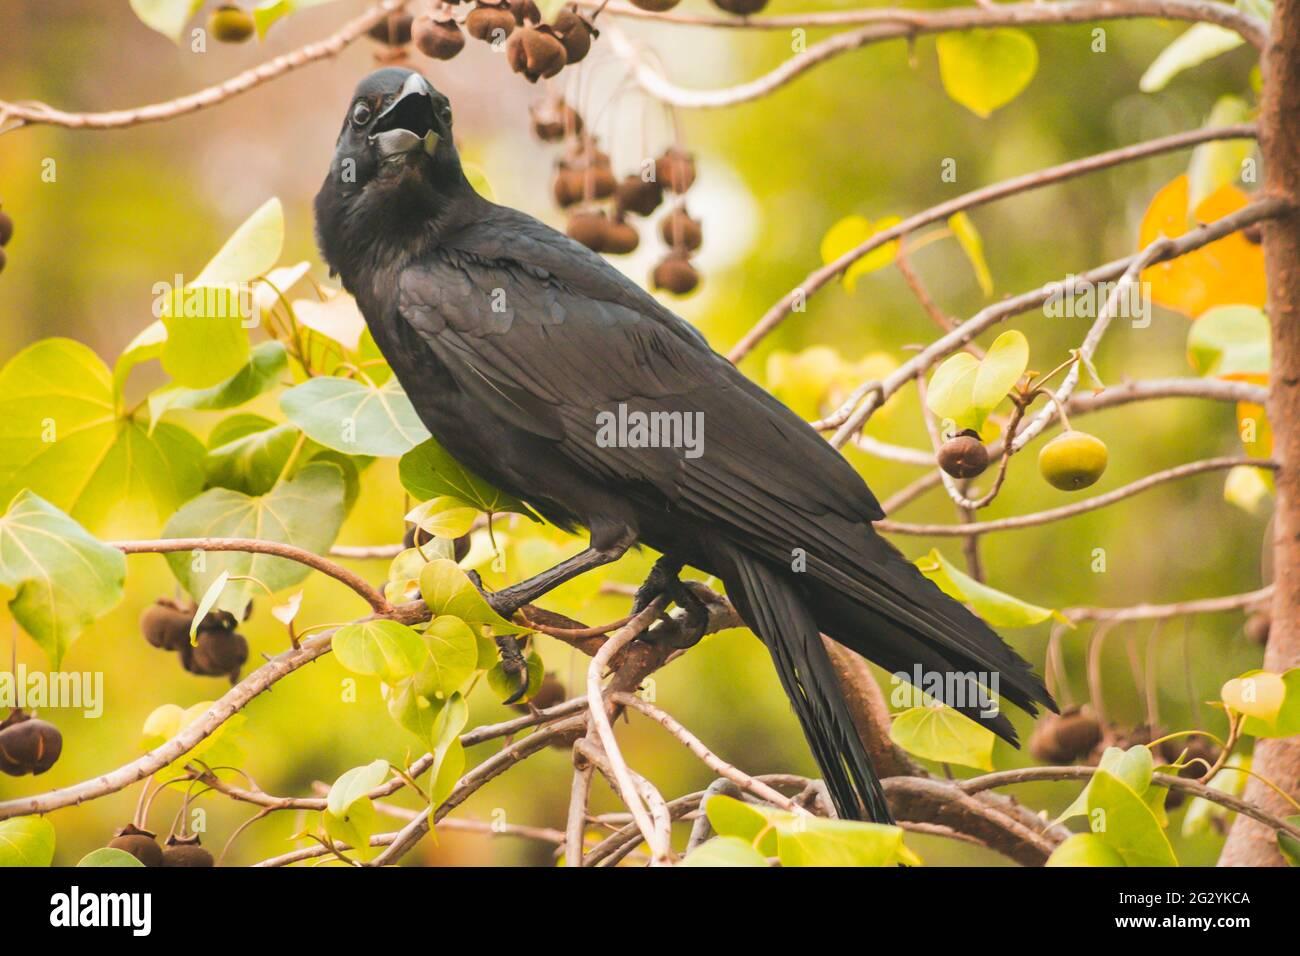 Carruon cuervo en rama con naturaleza de primavera animales brid fondo de vida silvestre. Foto de stock